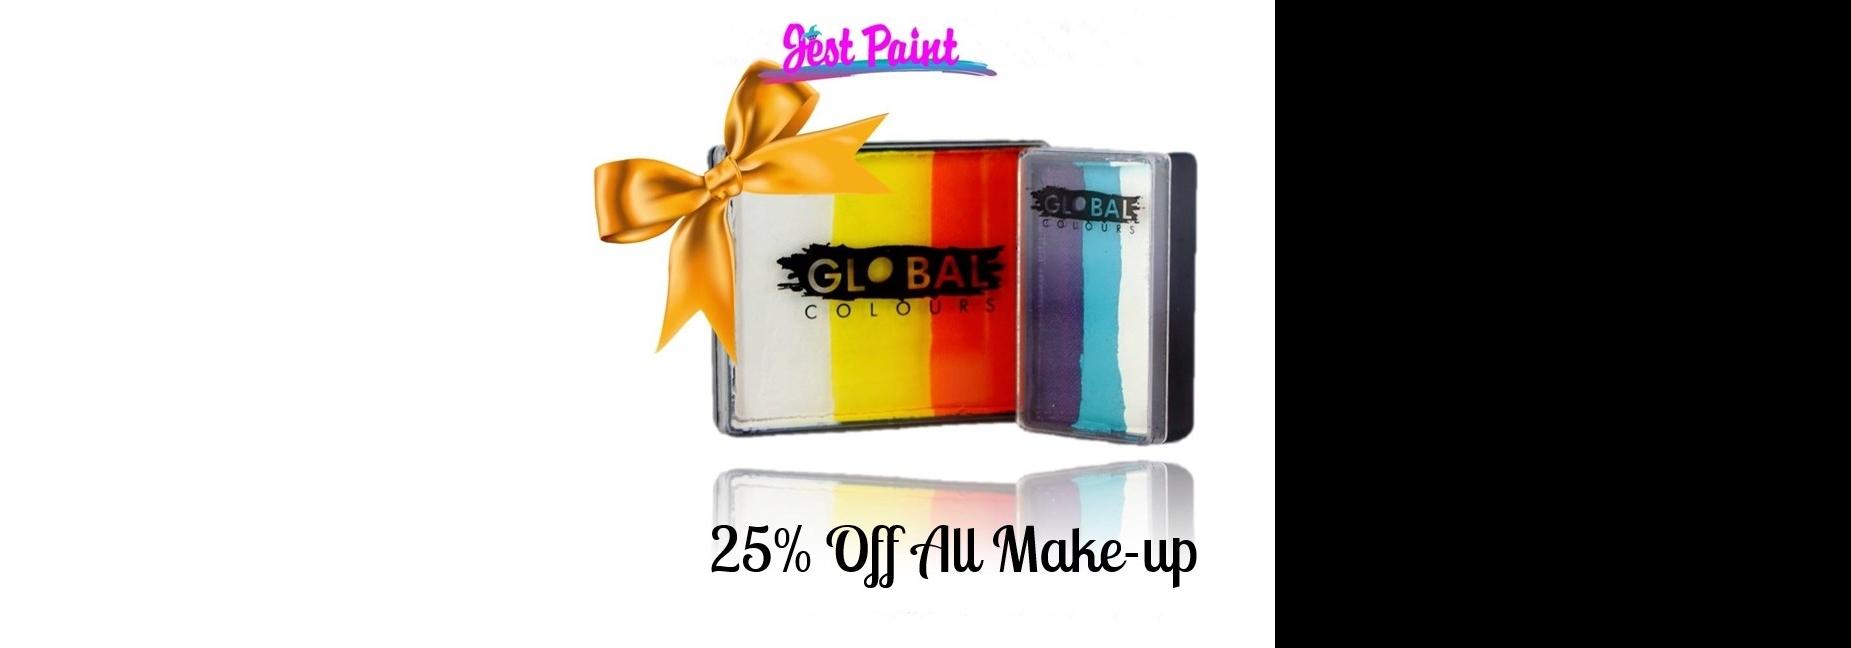 Global, Jest Paint, Mehron, makeup, face painting